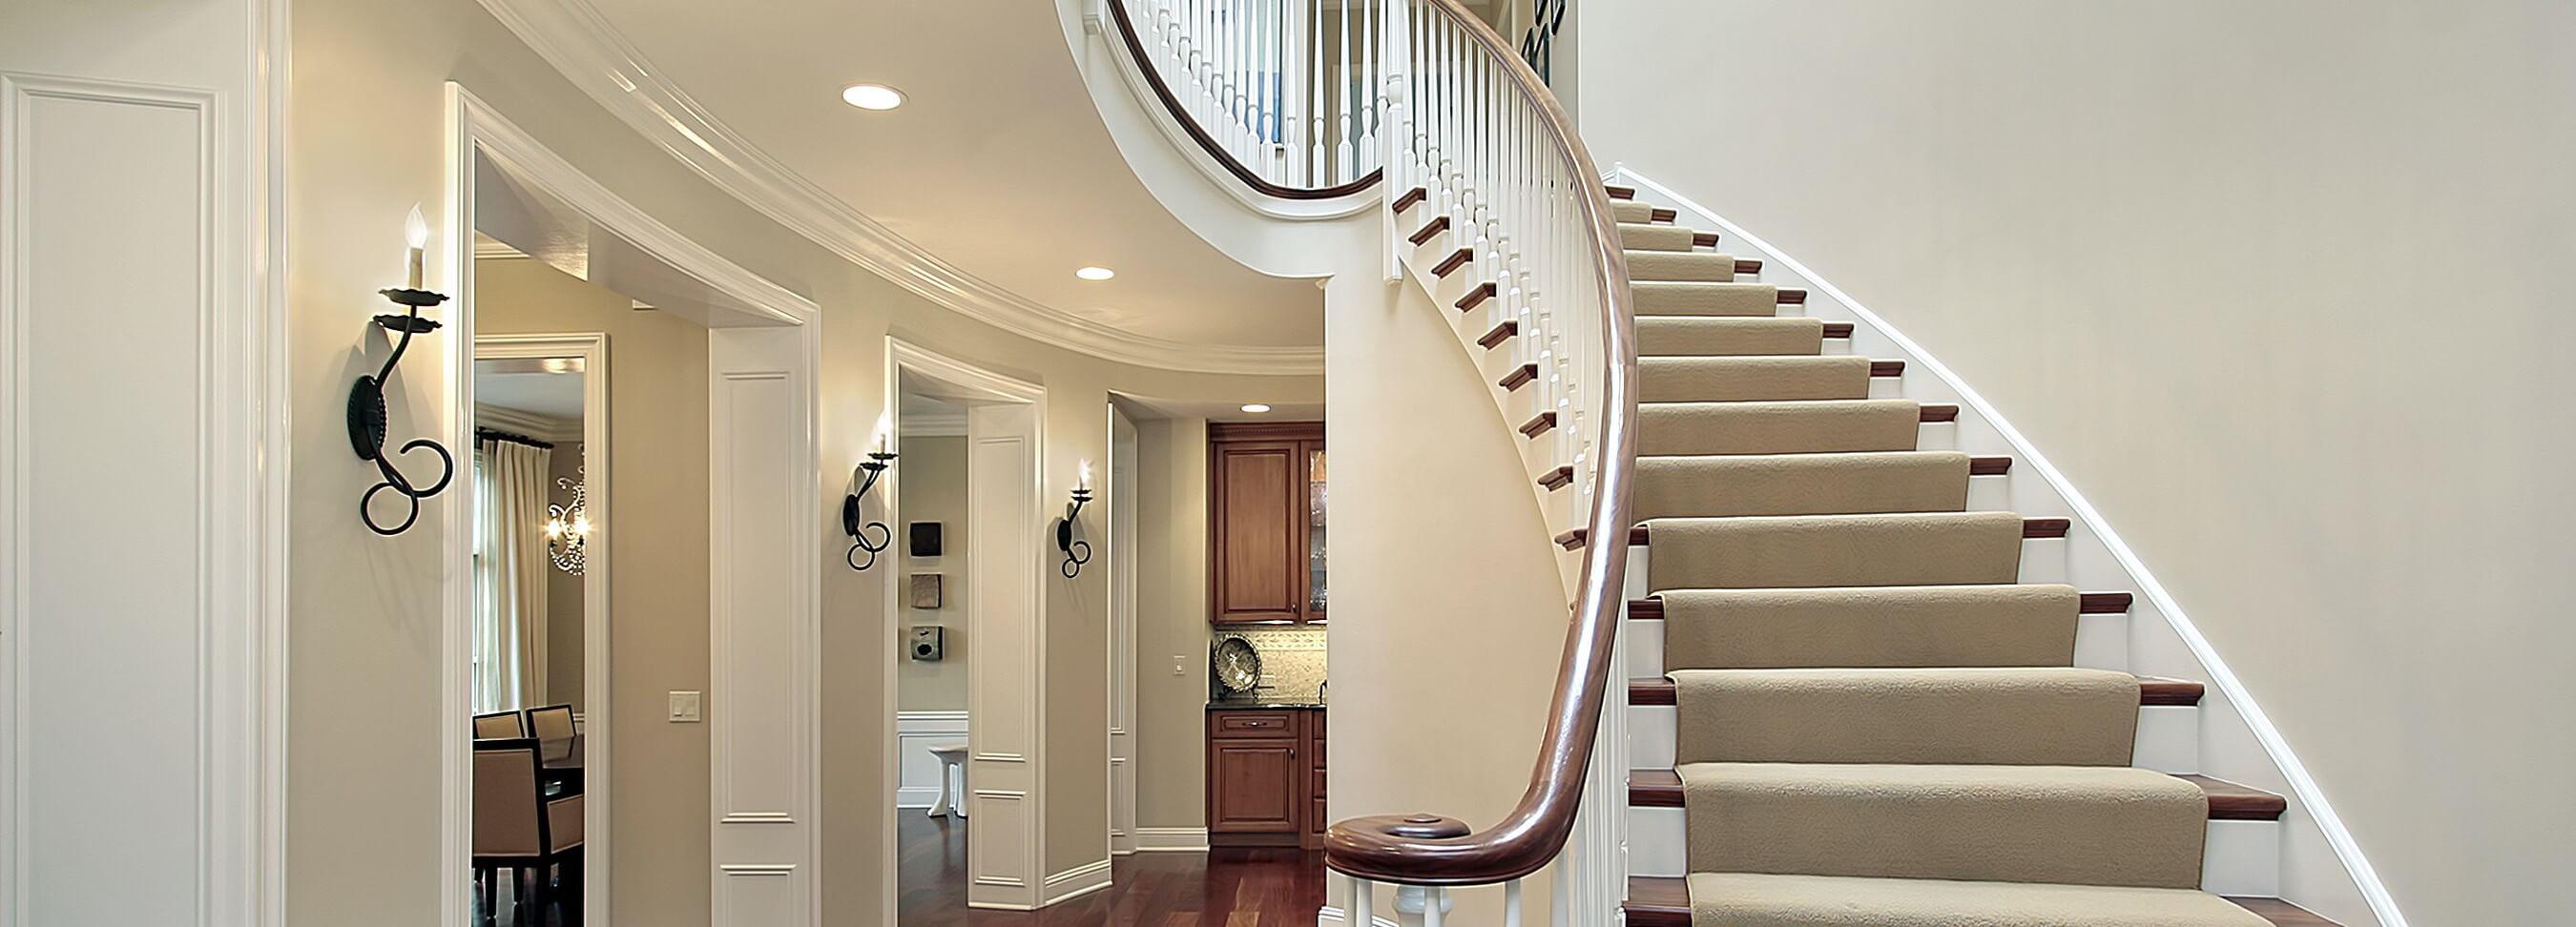 staircase-e1436830694709